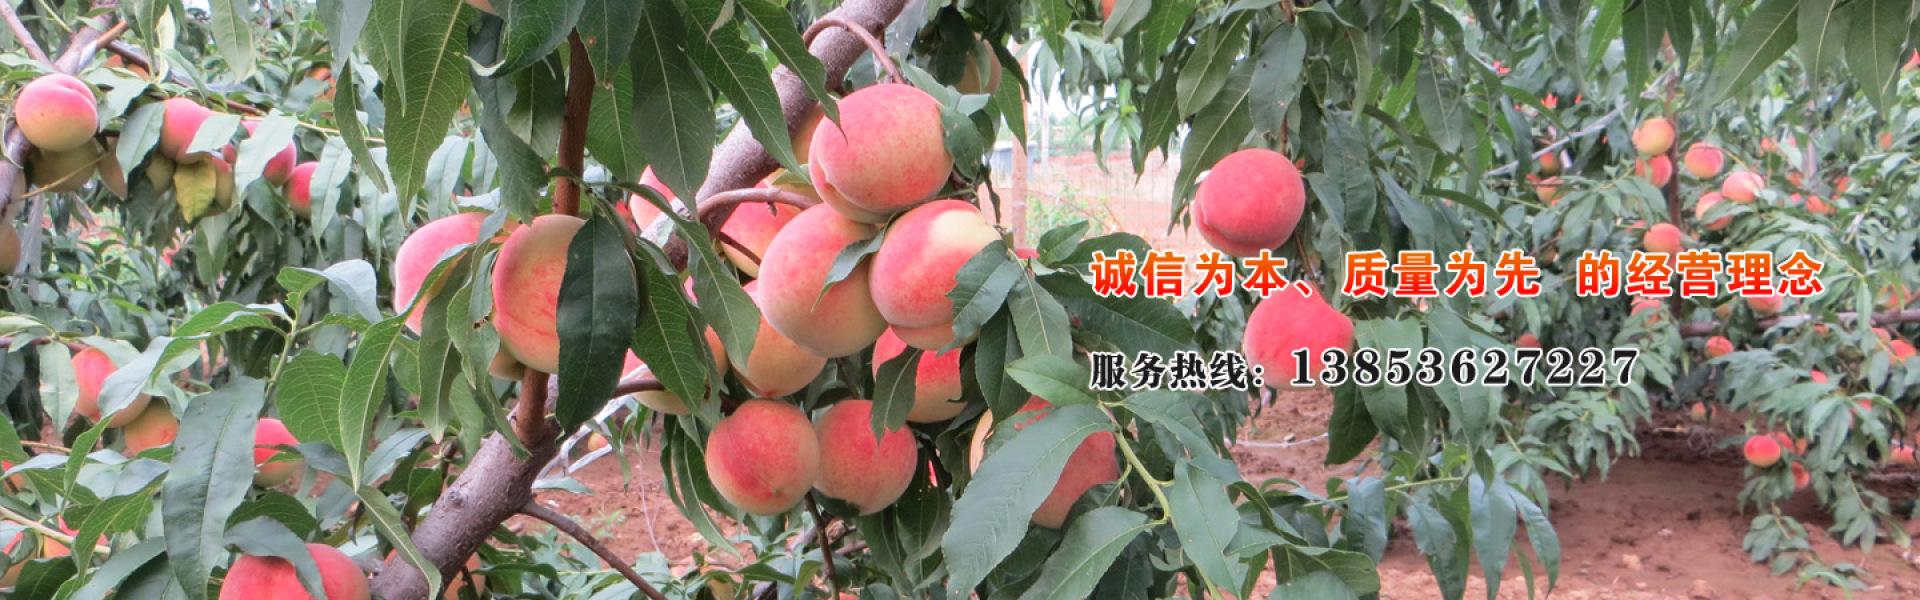 青州桃苗基地